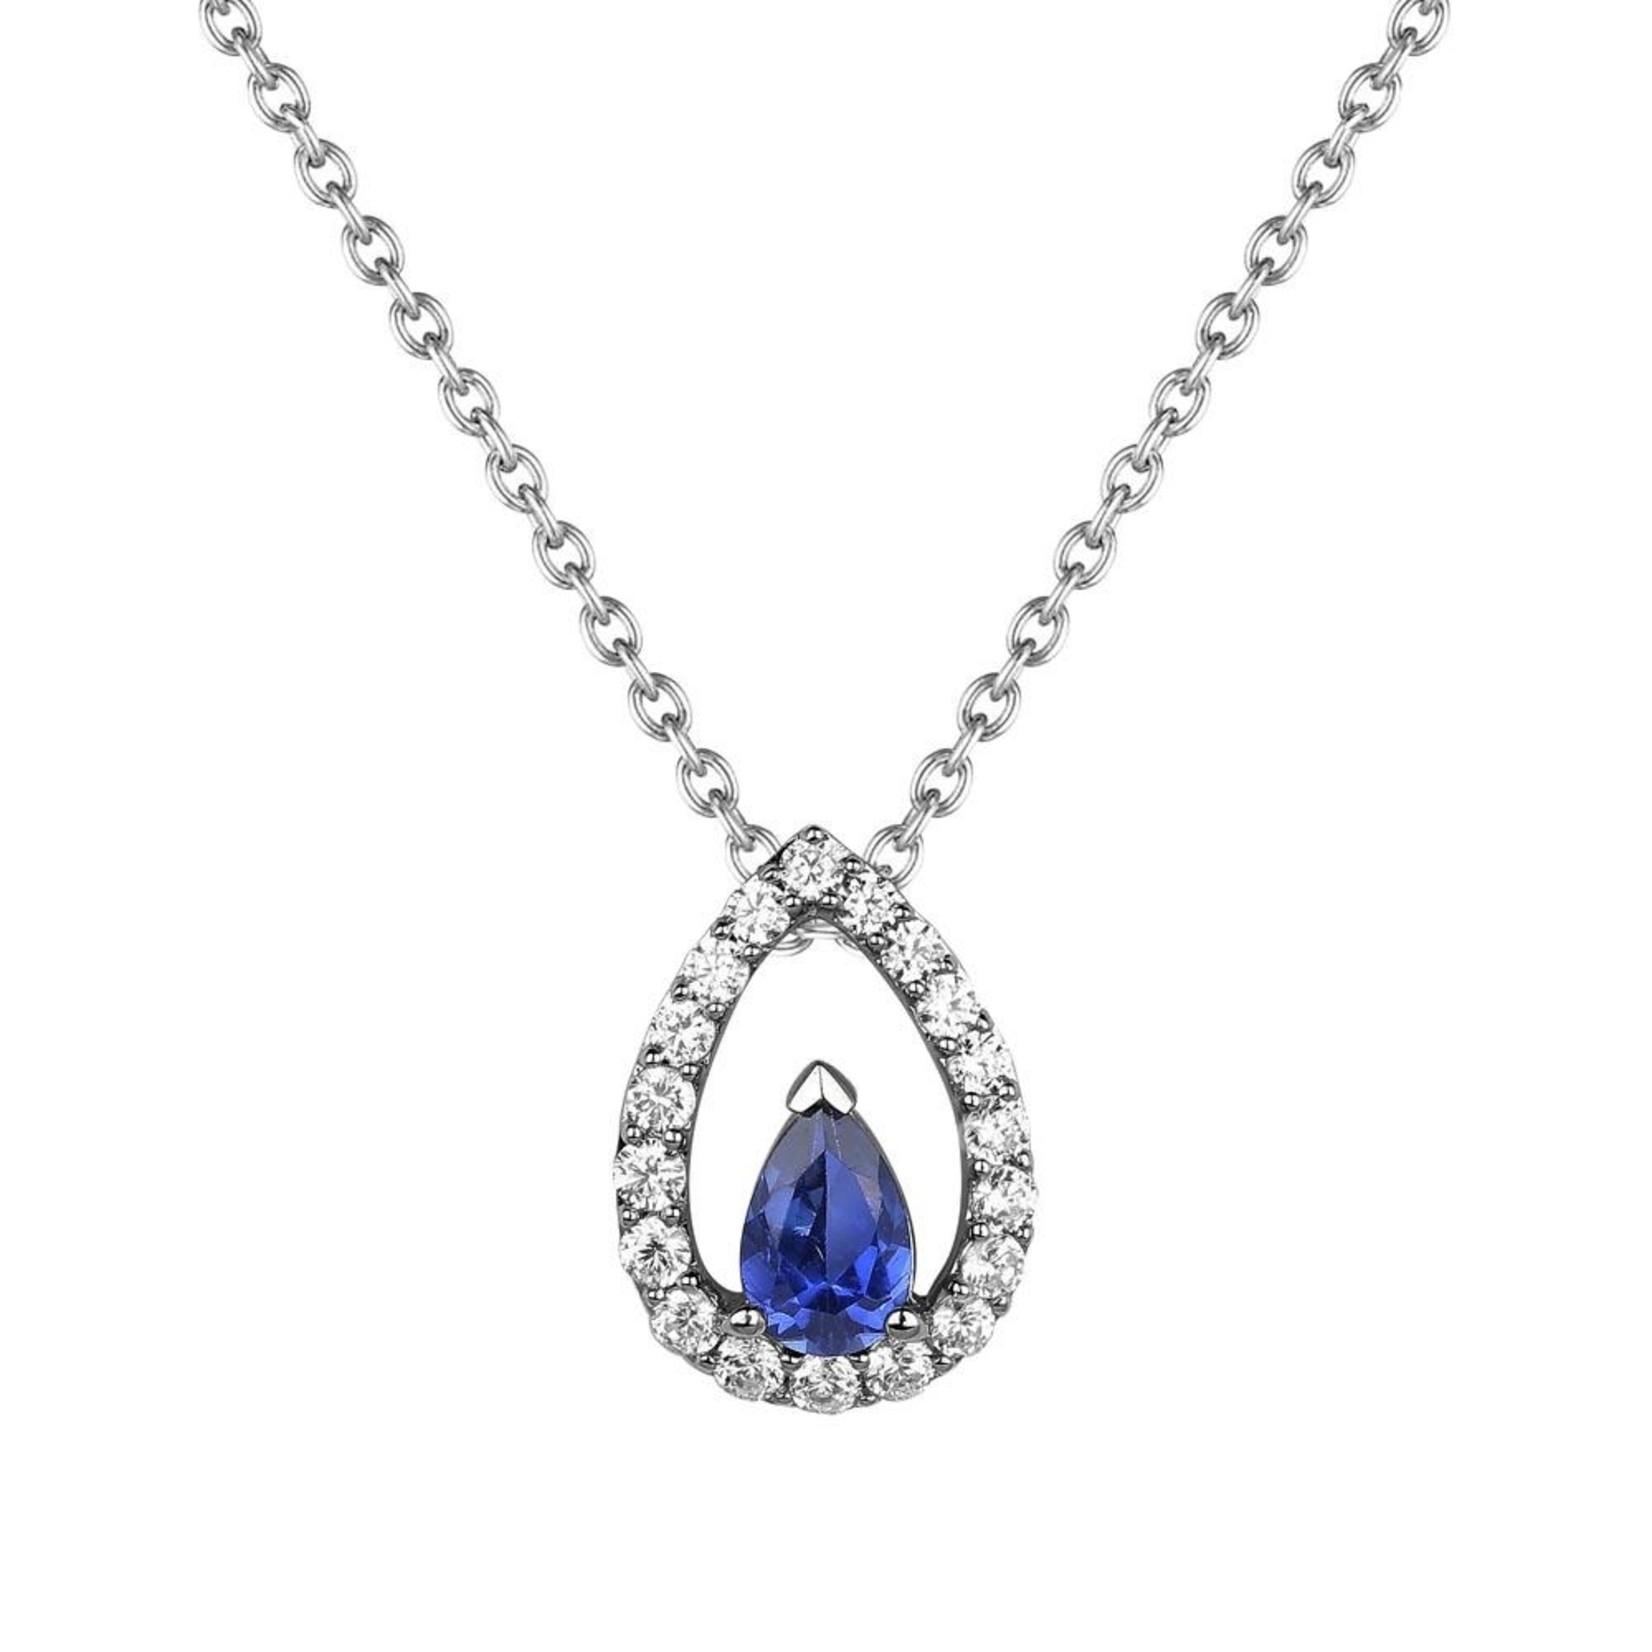 Blue Sapphire Teardrop Pendant